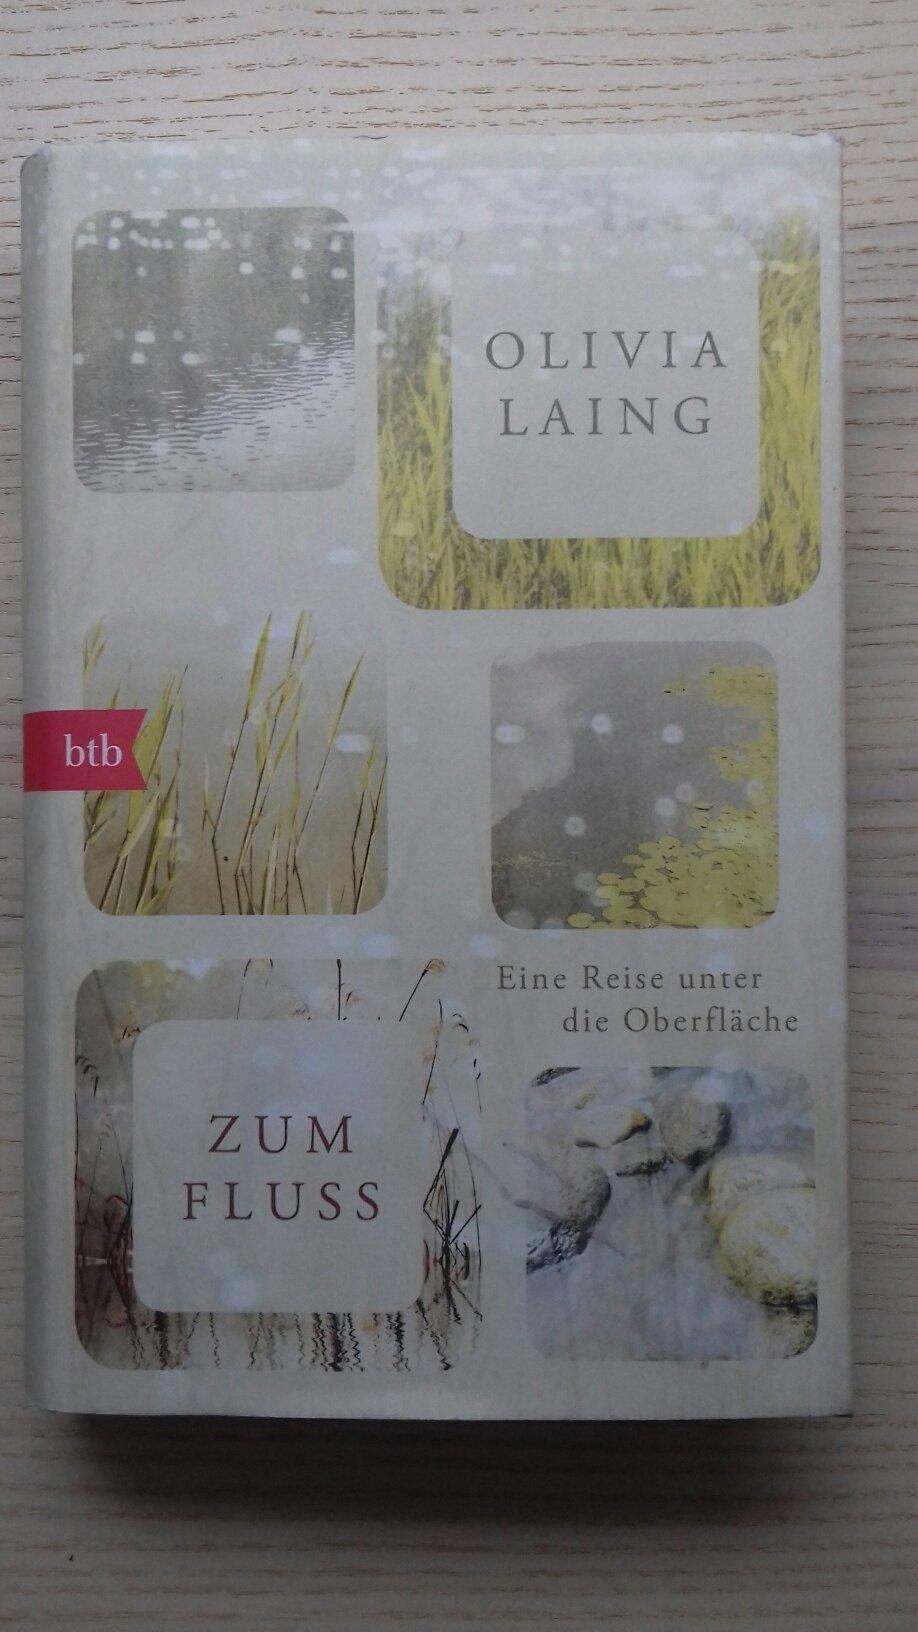 """Buchcover Olivia Laing """"Zum Fluss – ein Reise unter die Oberfläche"""""""